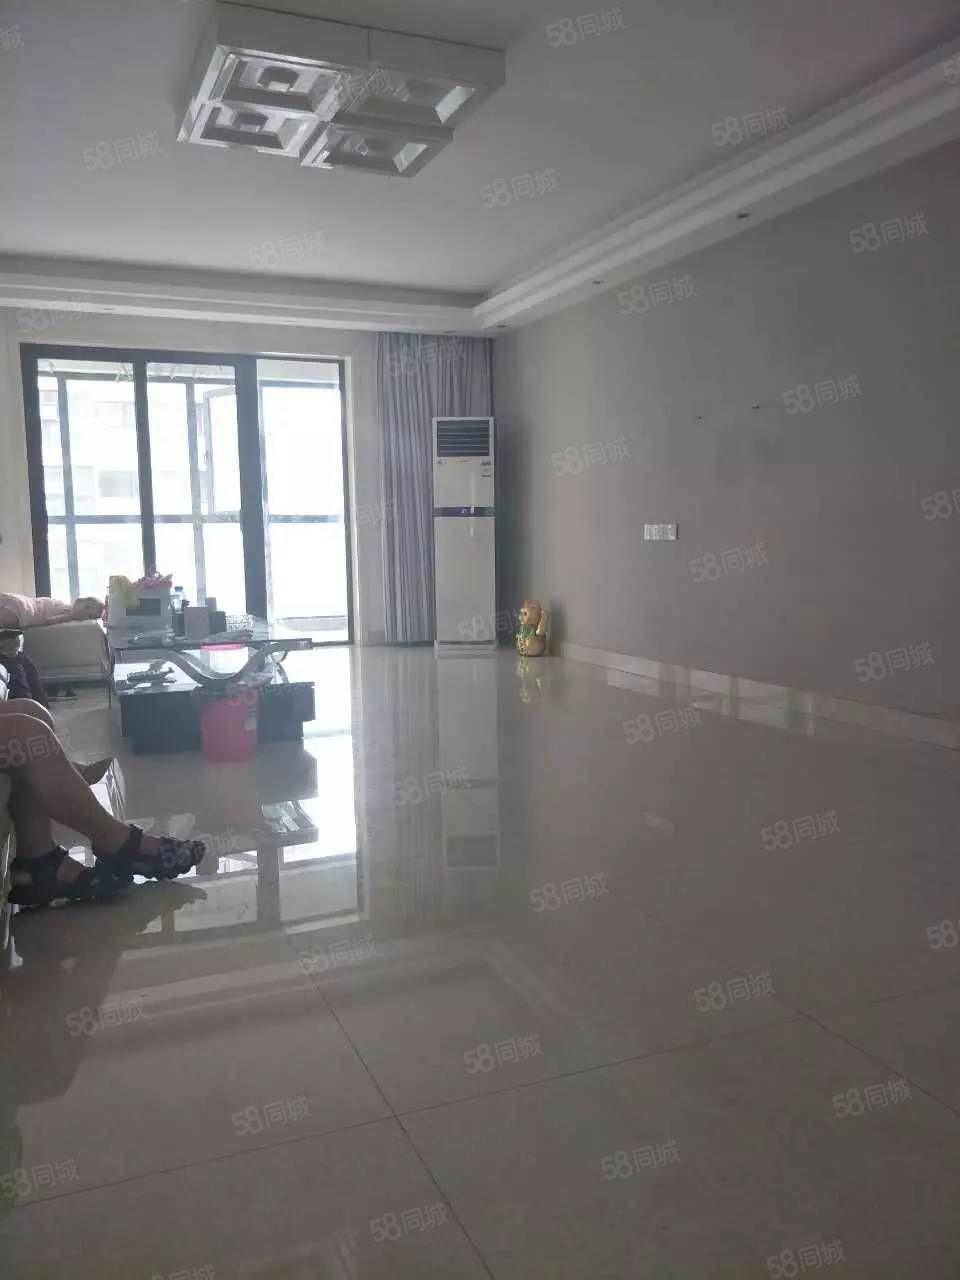 政通路交通路,三室两厅两卫,可以做员工宿舍,交通便利室内干净